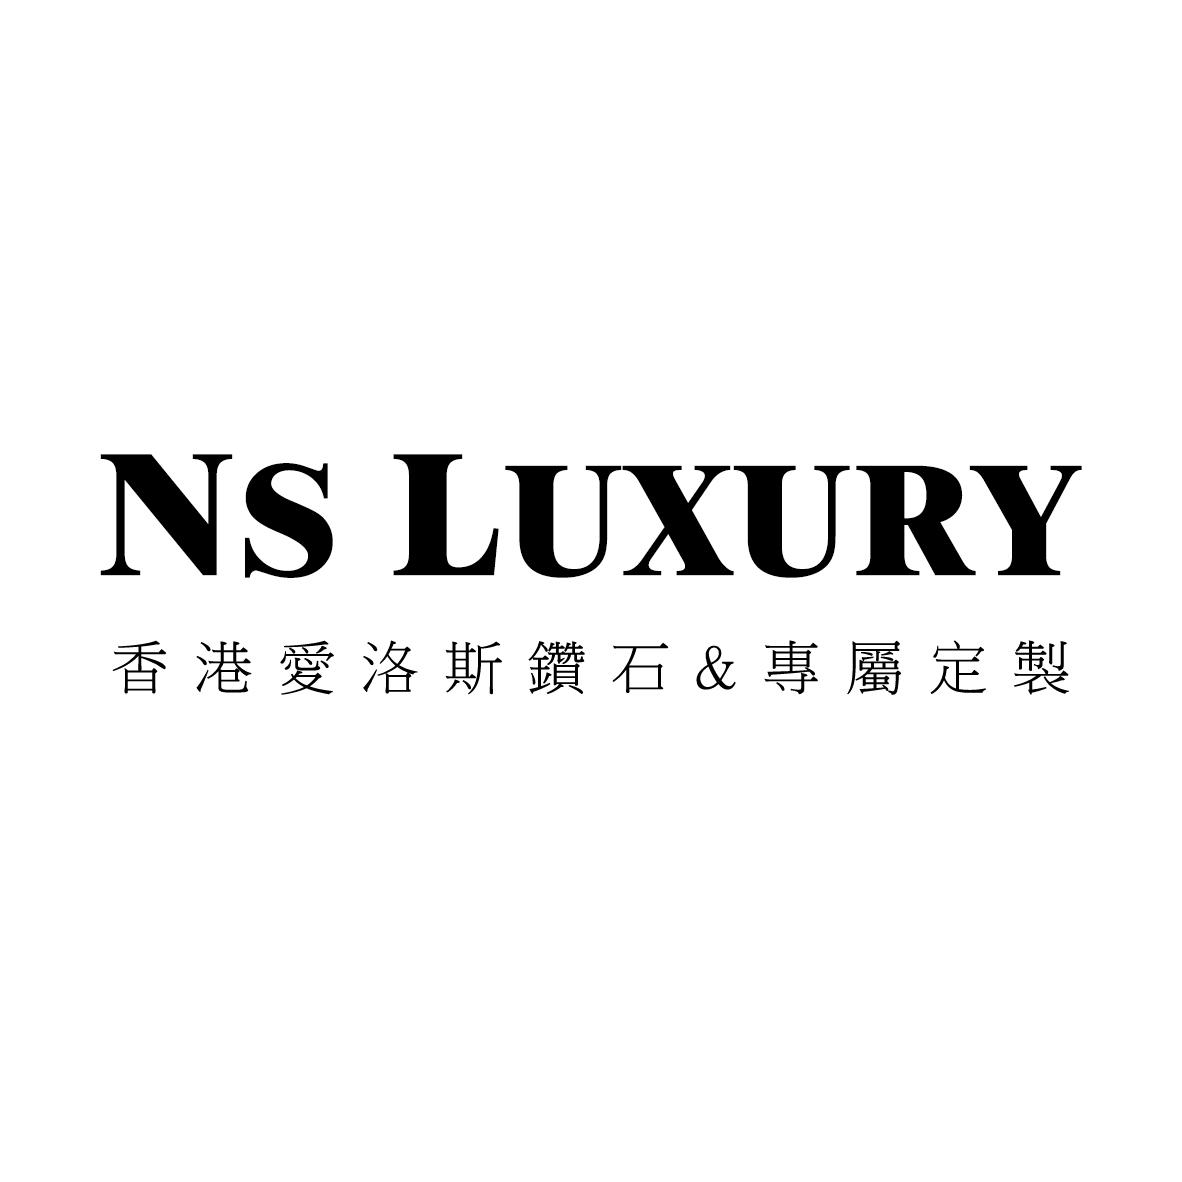 香港NSLUXURY爱洛斯钻石及专属定制